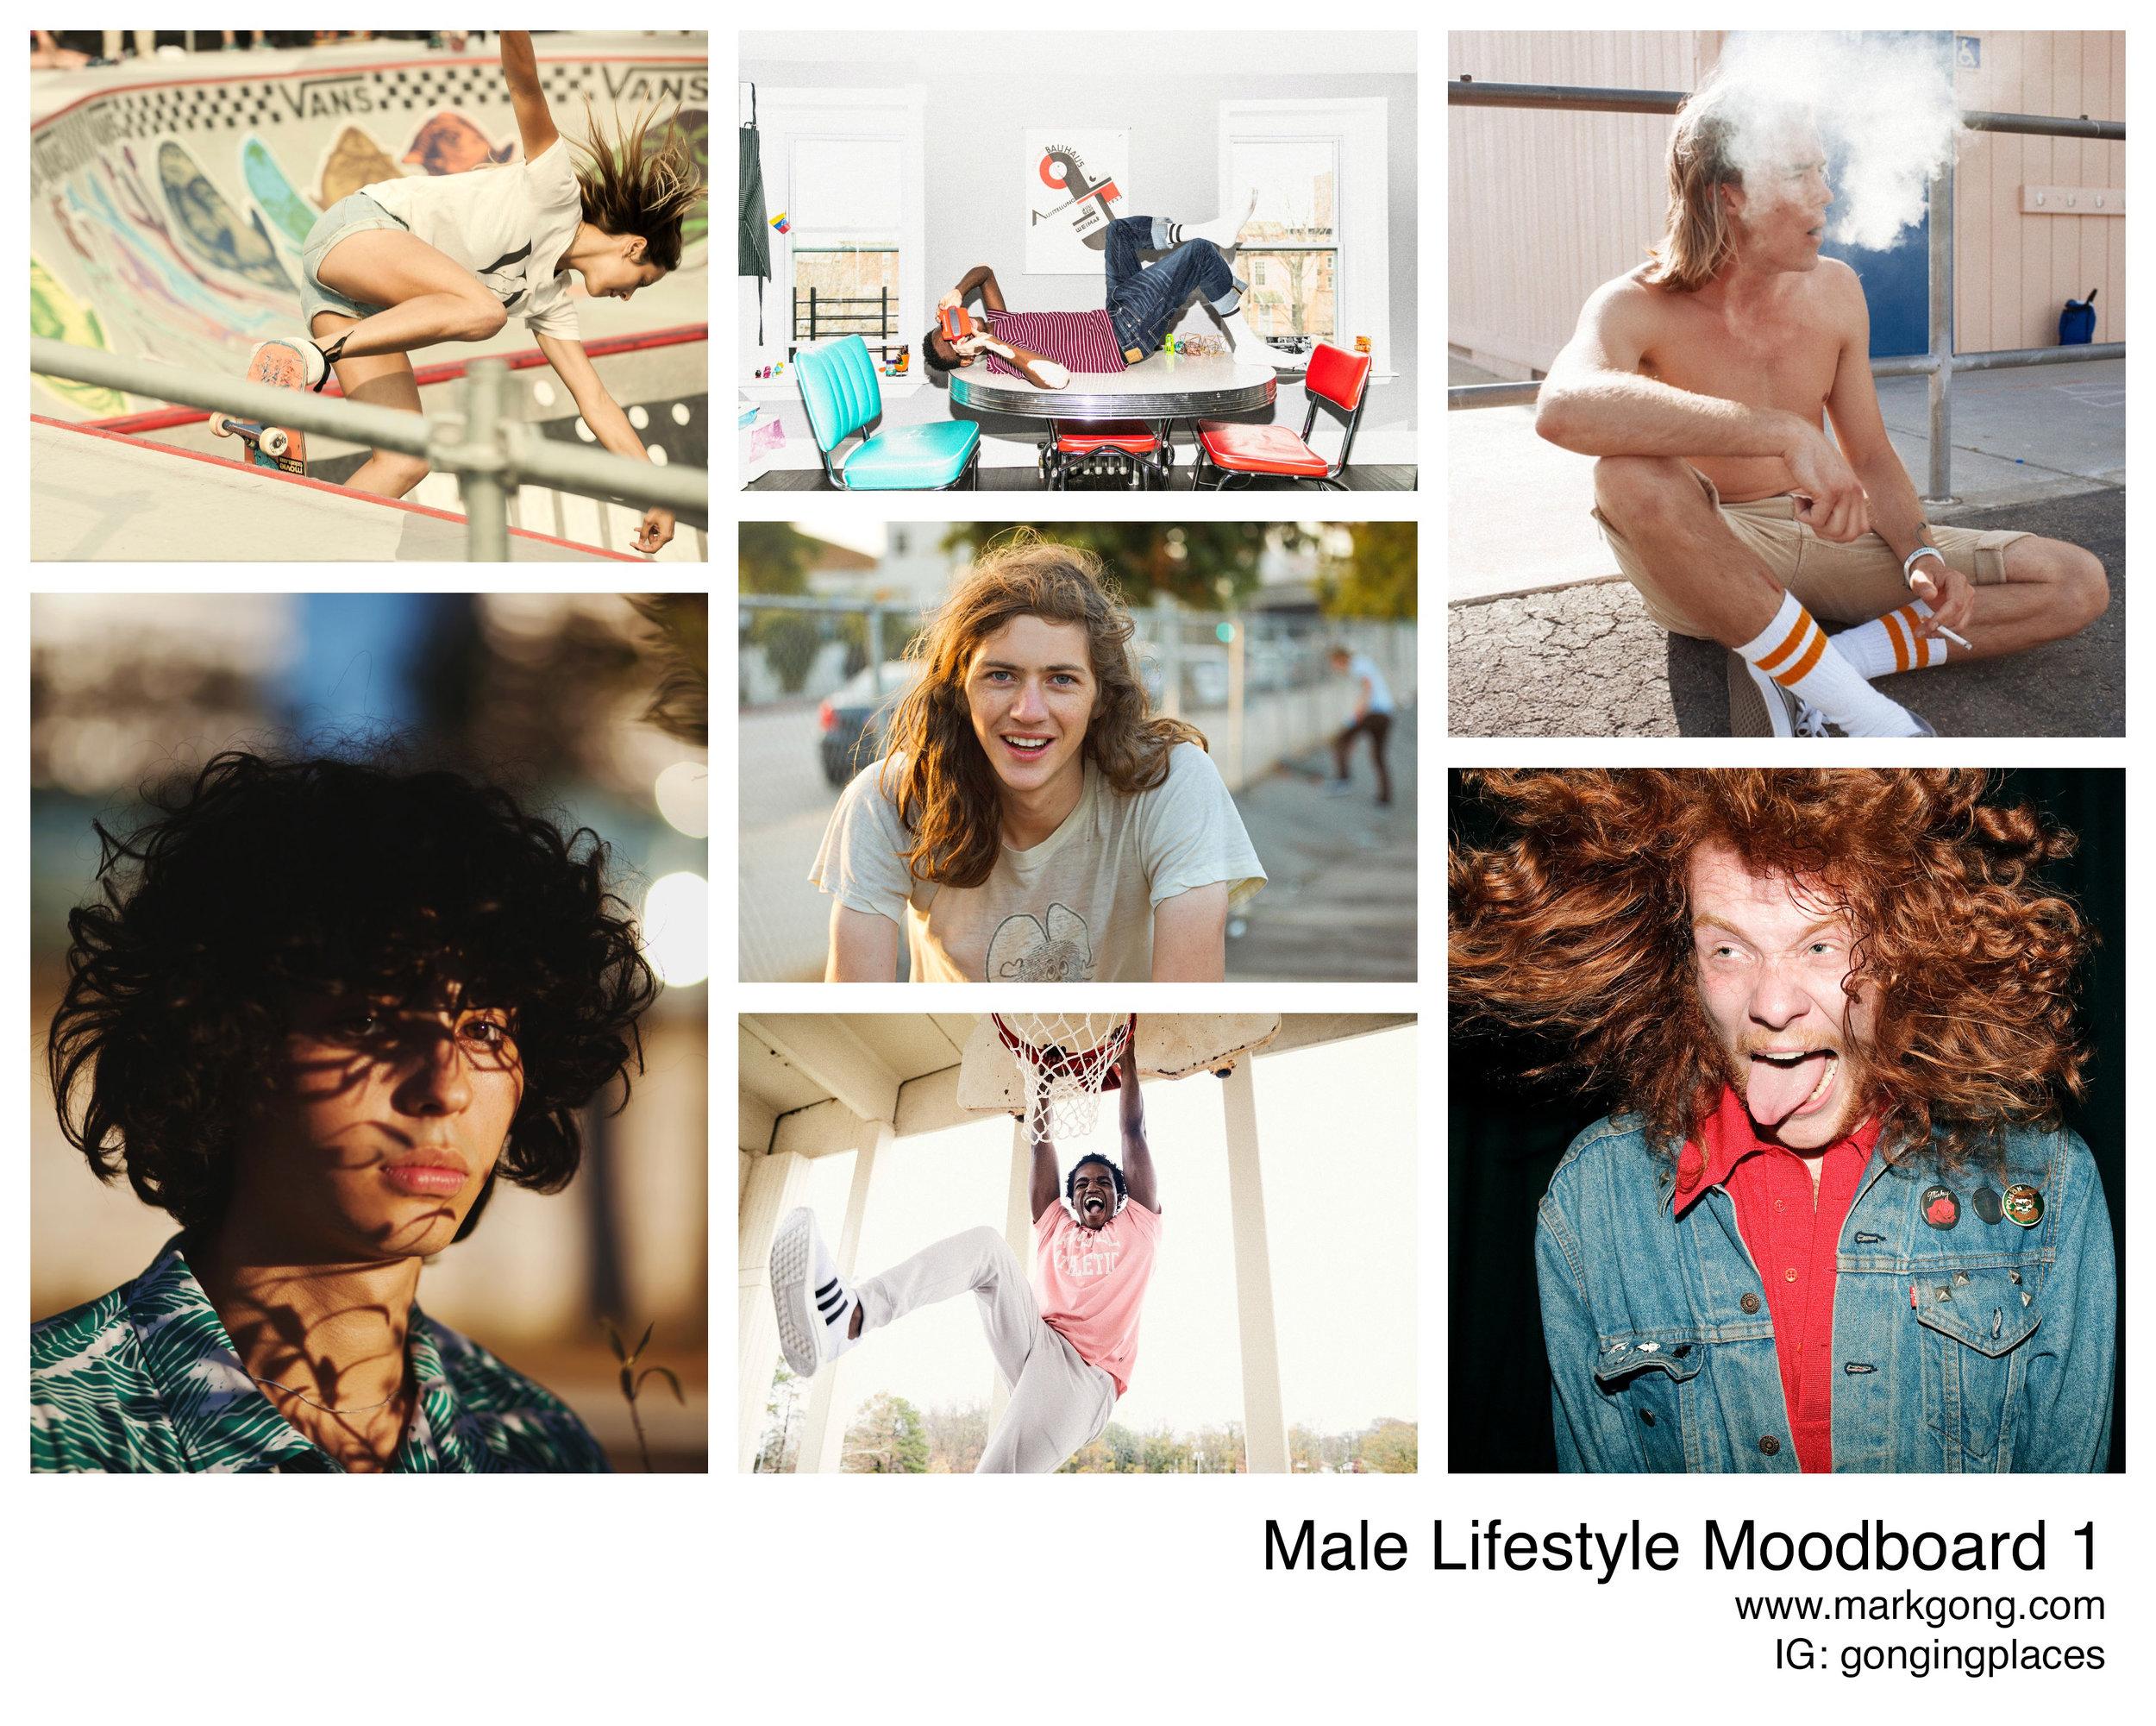 LA-Portrait Male 1.JPG